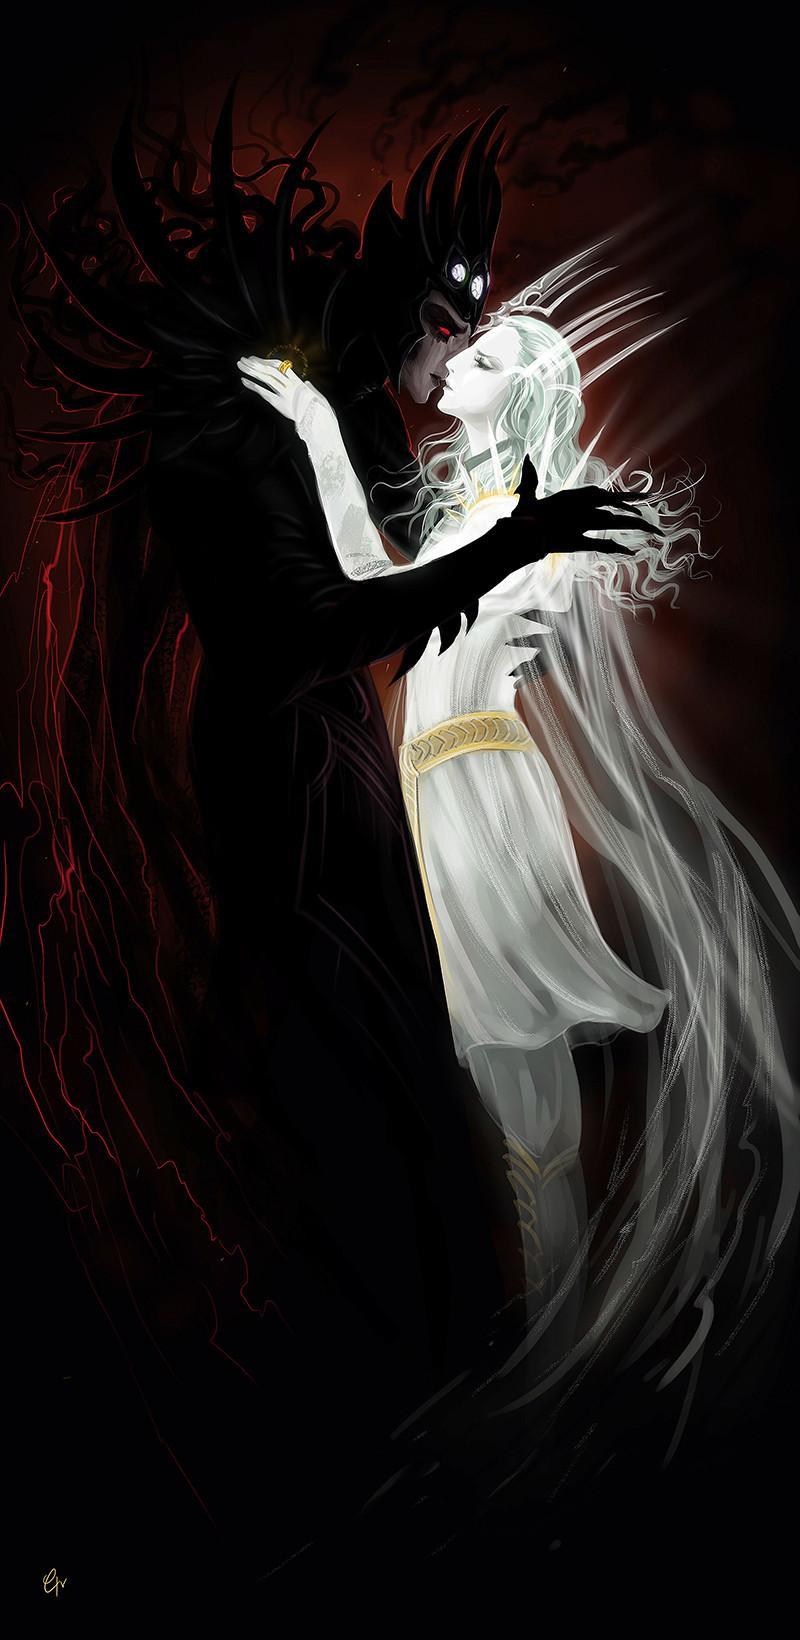 Melkor + Sauron = Morgoth   3cff4910